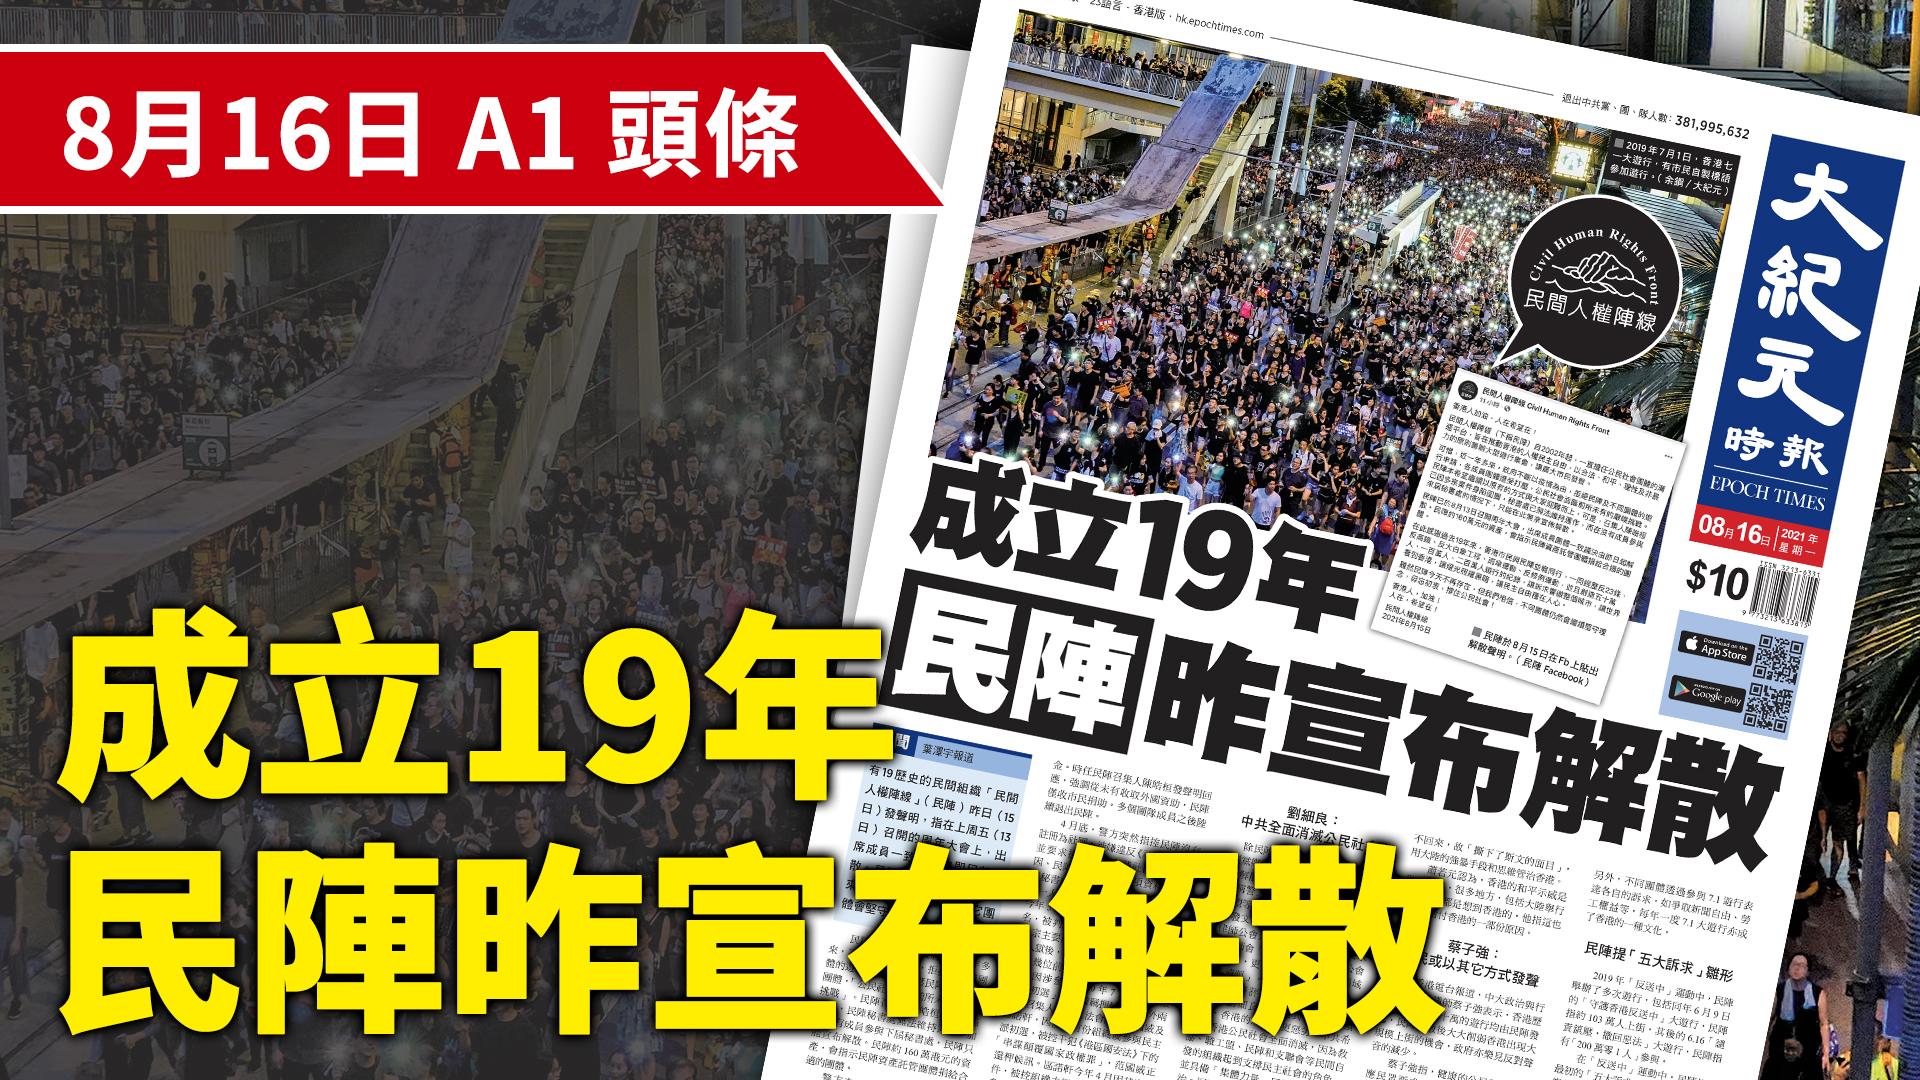 2019年7月1日,香港七一大遊行,有市民自製標語參加遊行。(余鋼/大紀元)